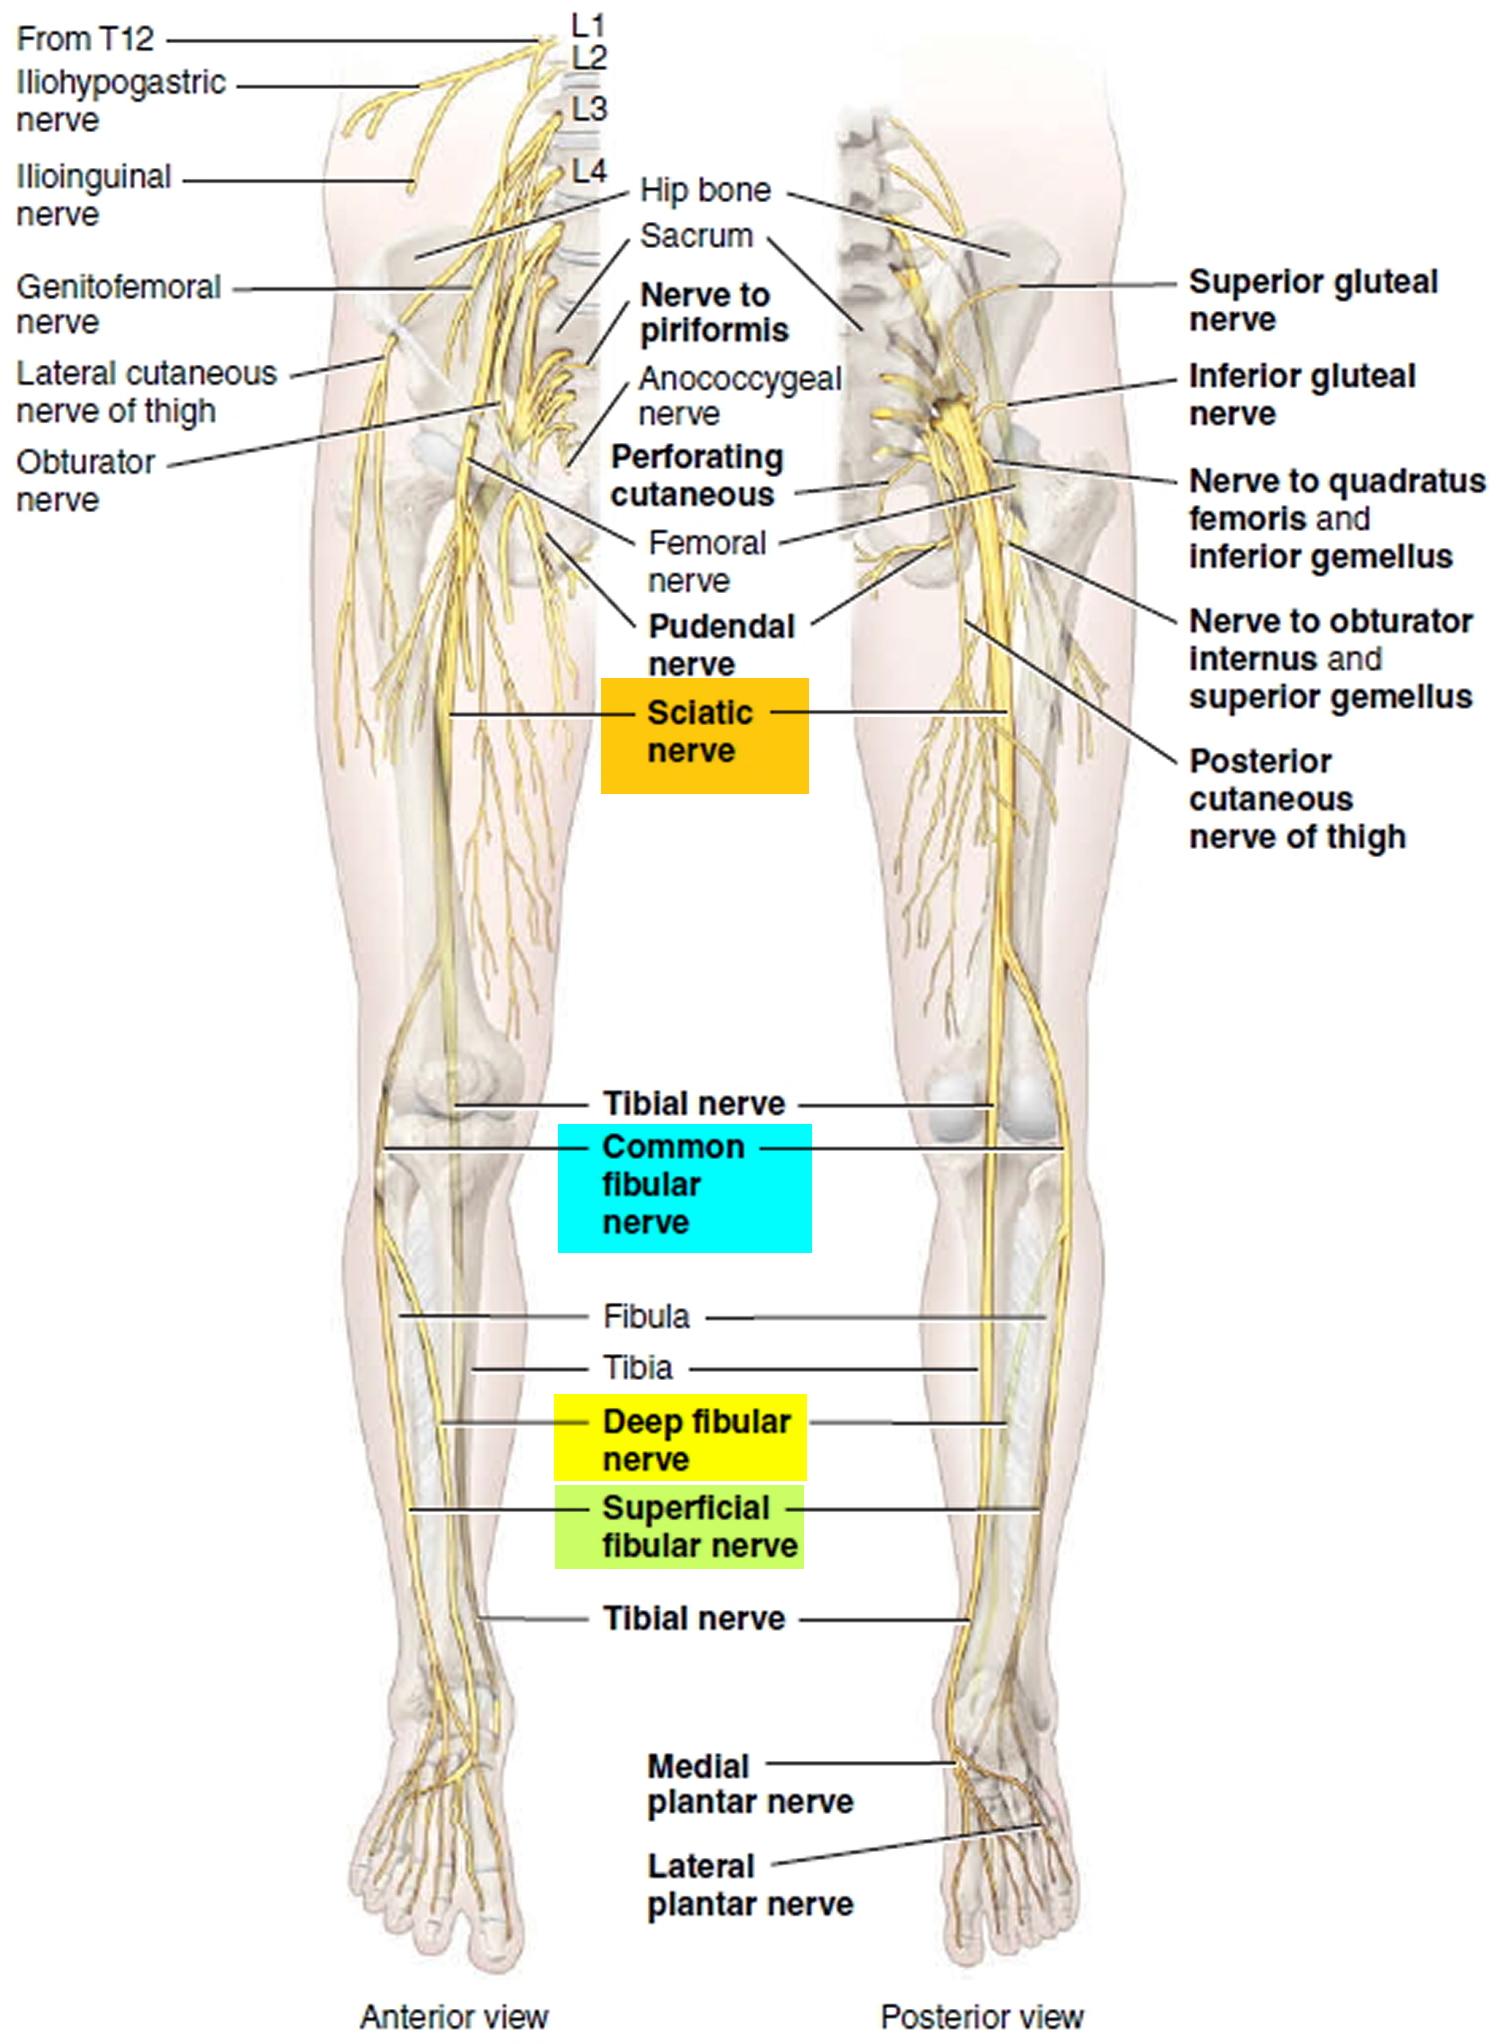 Foot Drop - Causes, Foot Drop Nerve, Symptoms, Prevention & Treatment